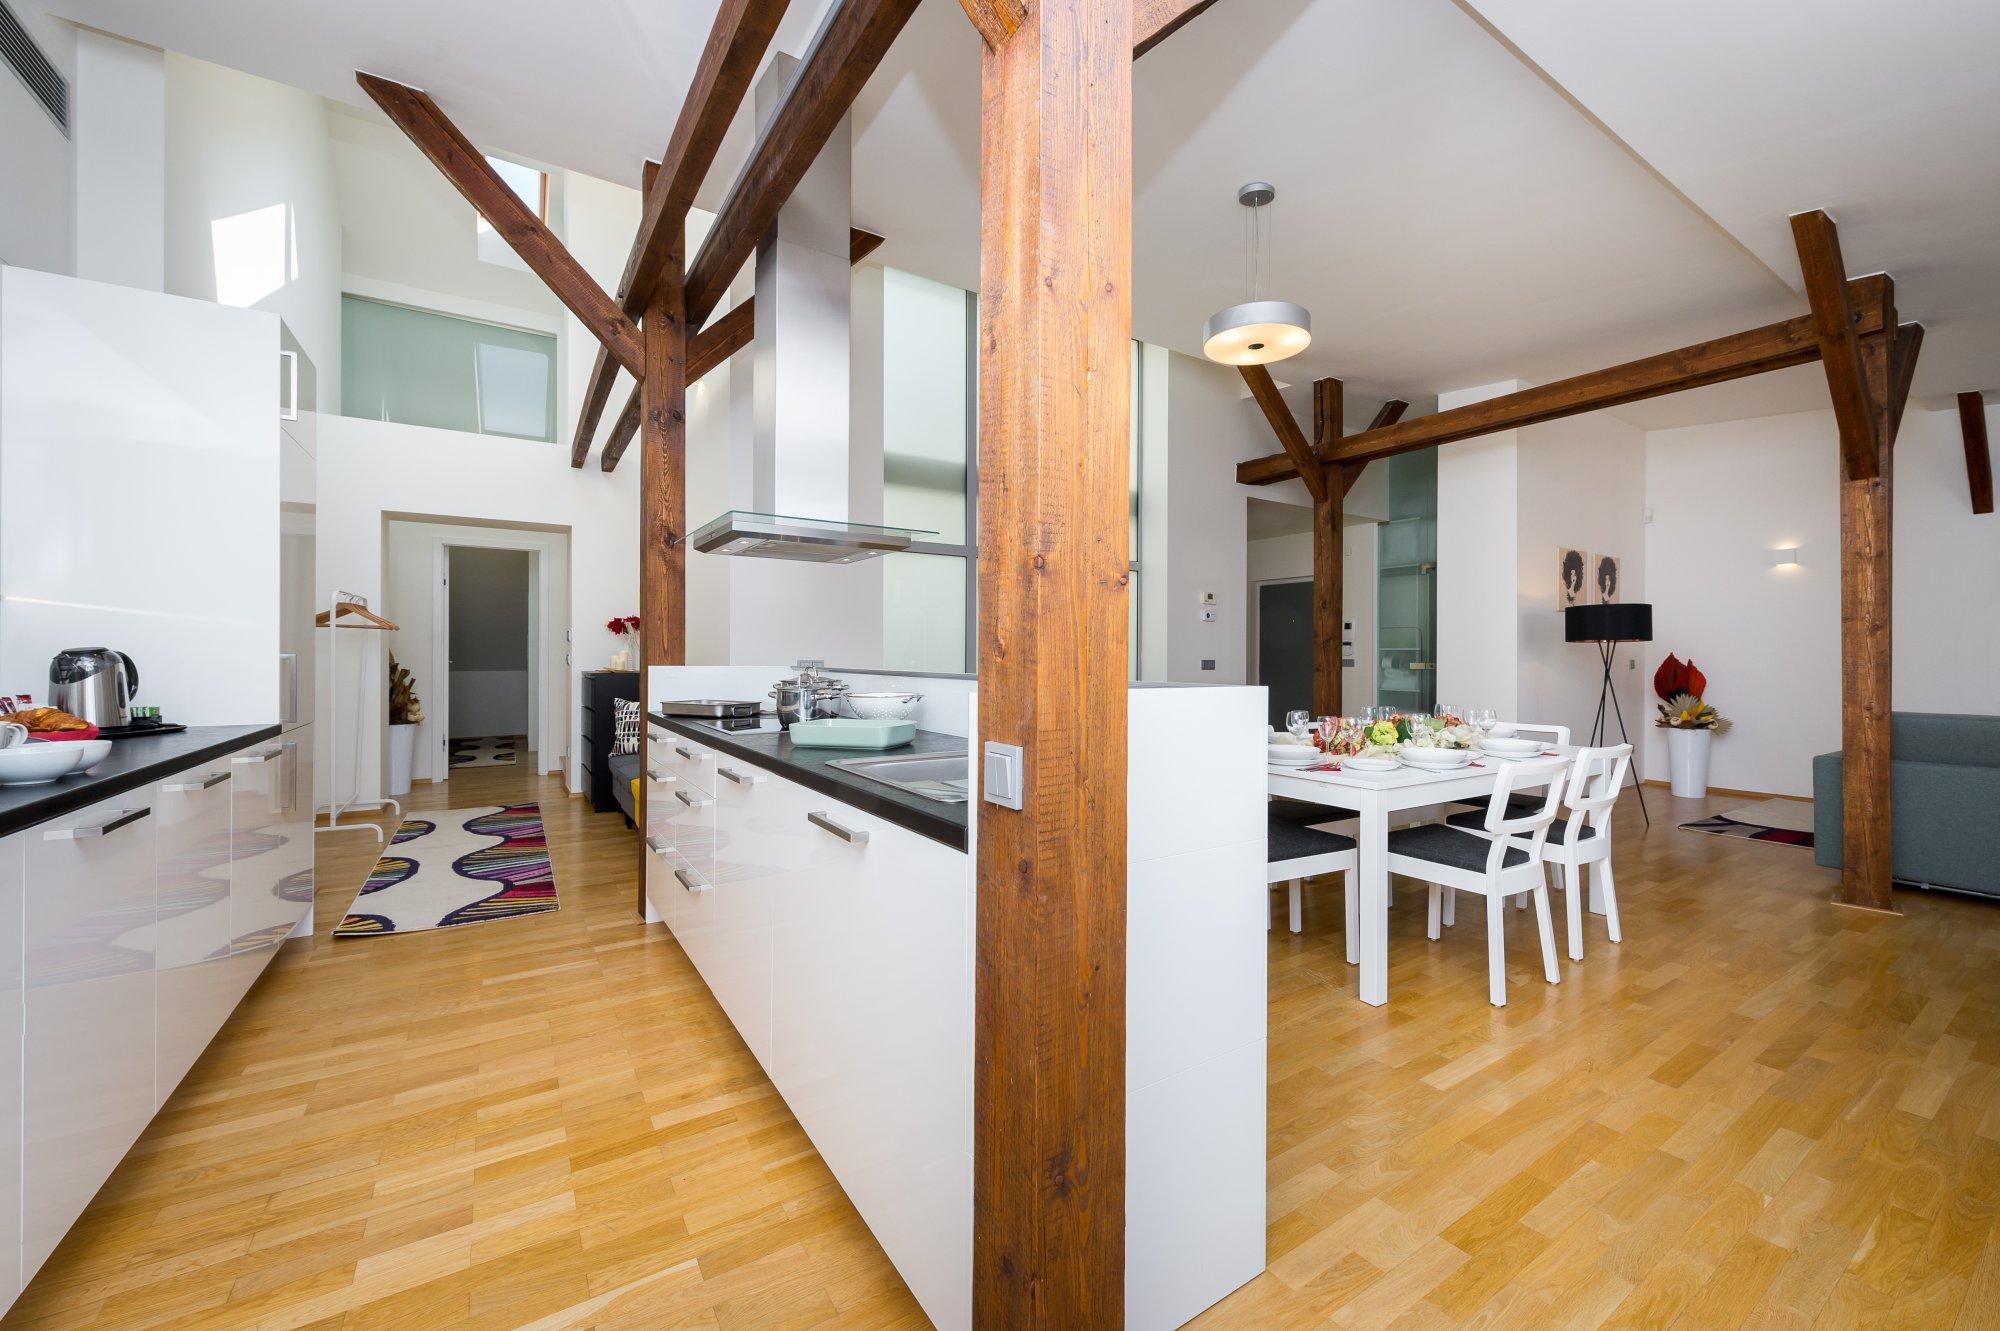 Půdní byt 3+kk, plocha 133 m², ulice Hellichova, Praha 1 - Malá Strana | 1